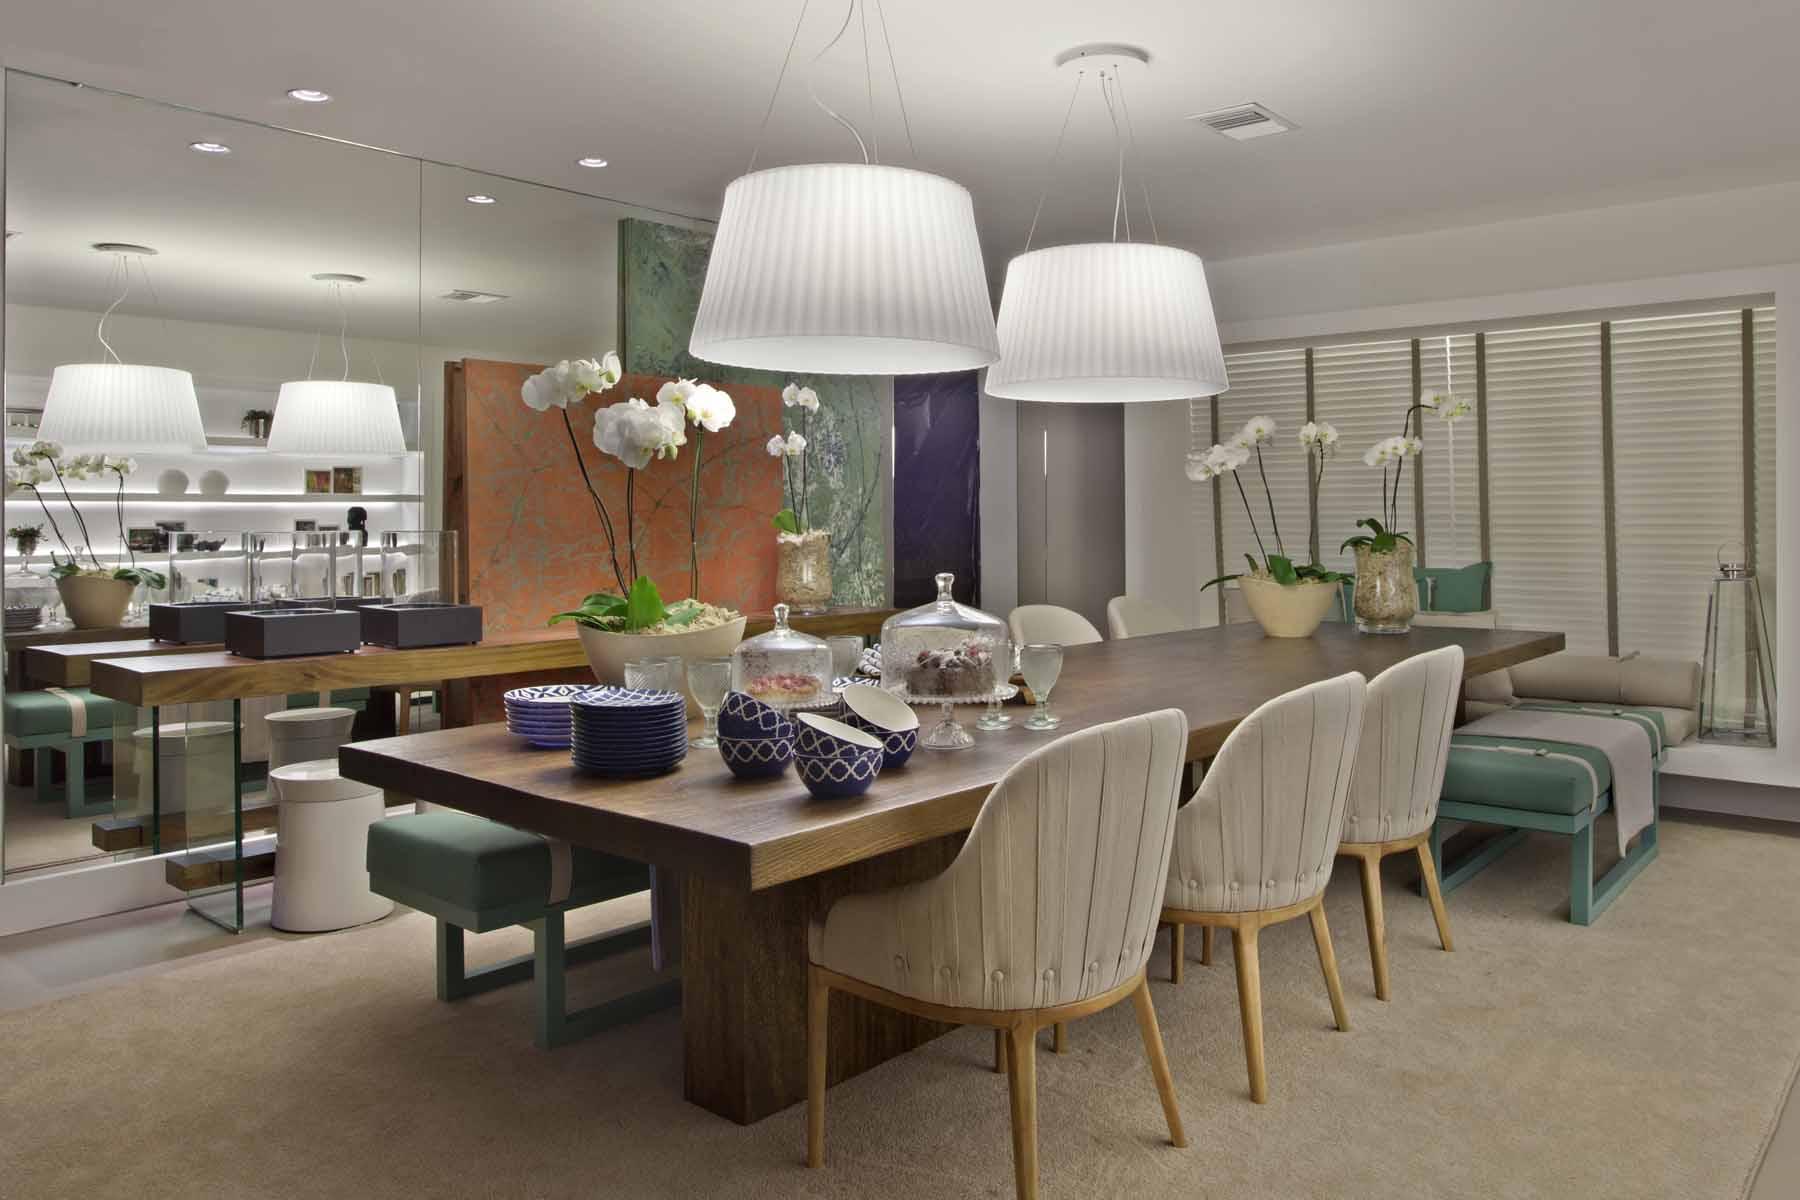 Diferenca De Copa E Sala De Jantar ~ sala de jantar com uma grande mesa de madeira qu